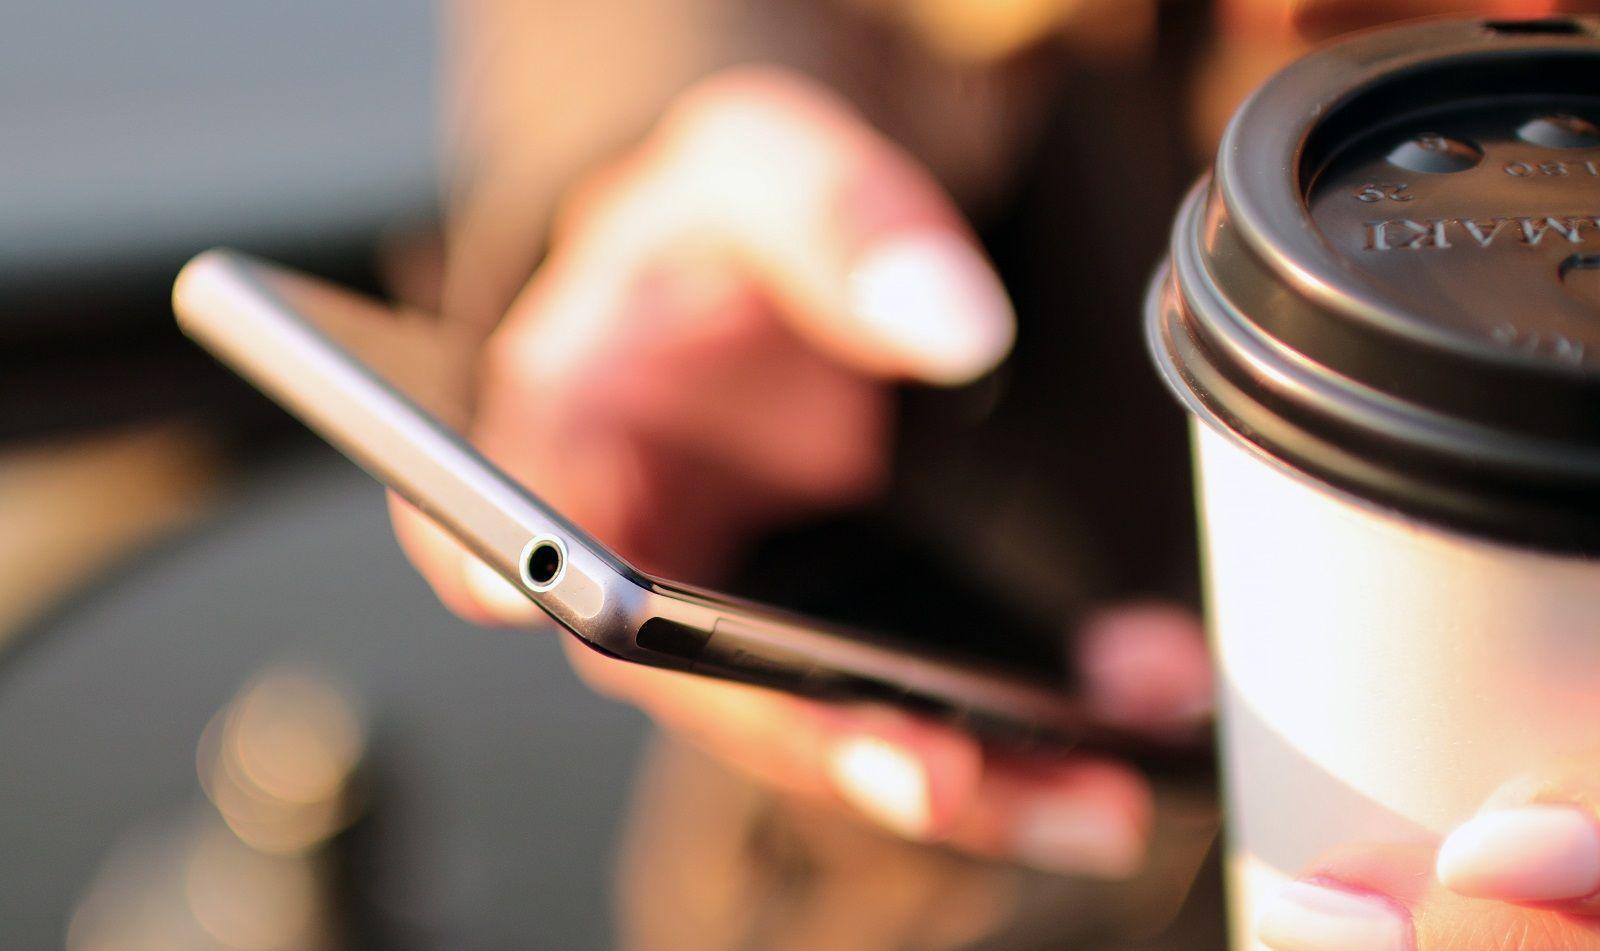 10 trucchi per capire se vi hanno hackerato il cellulare